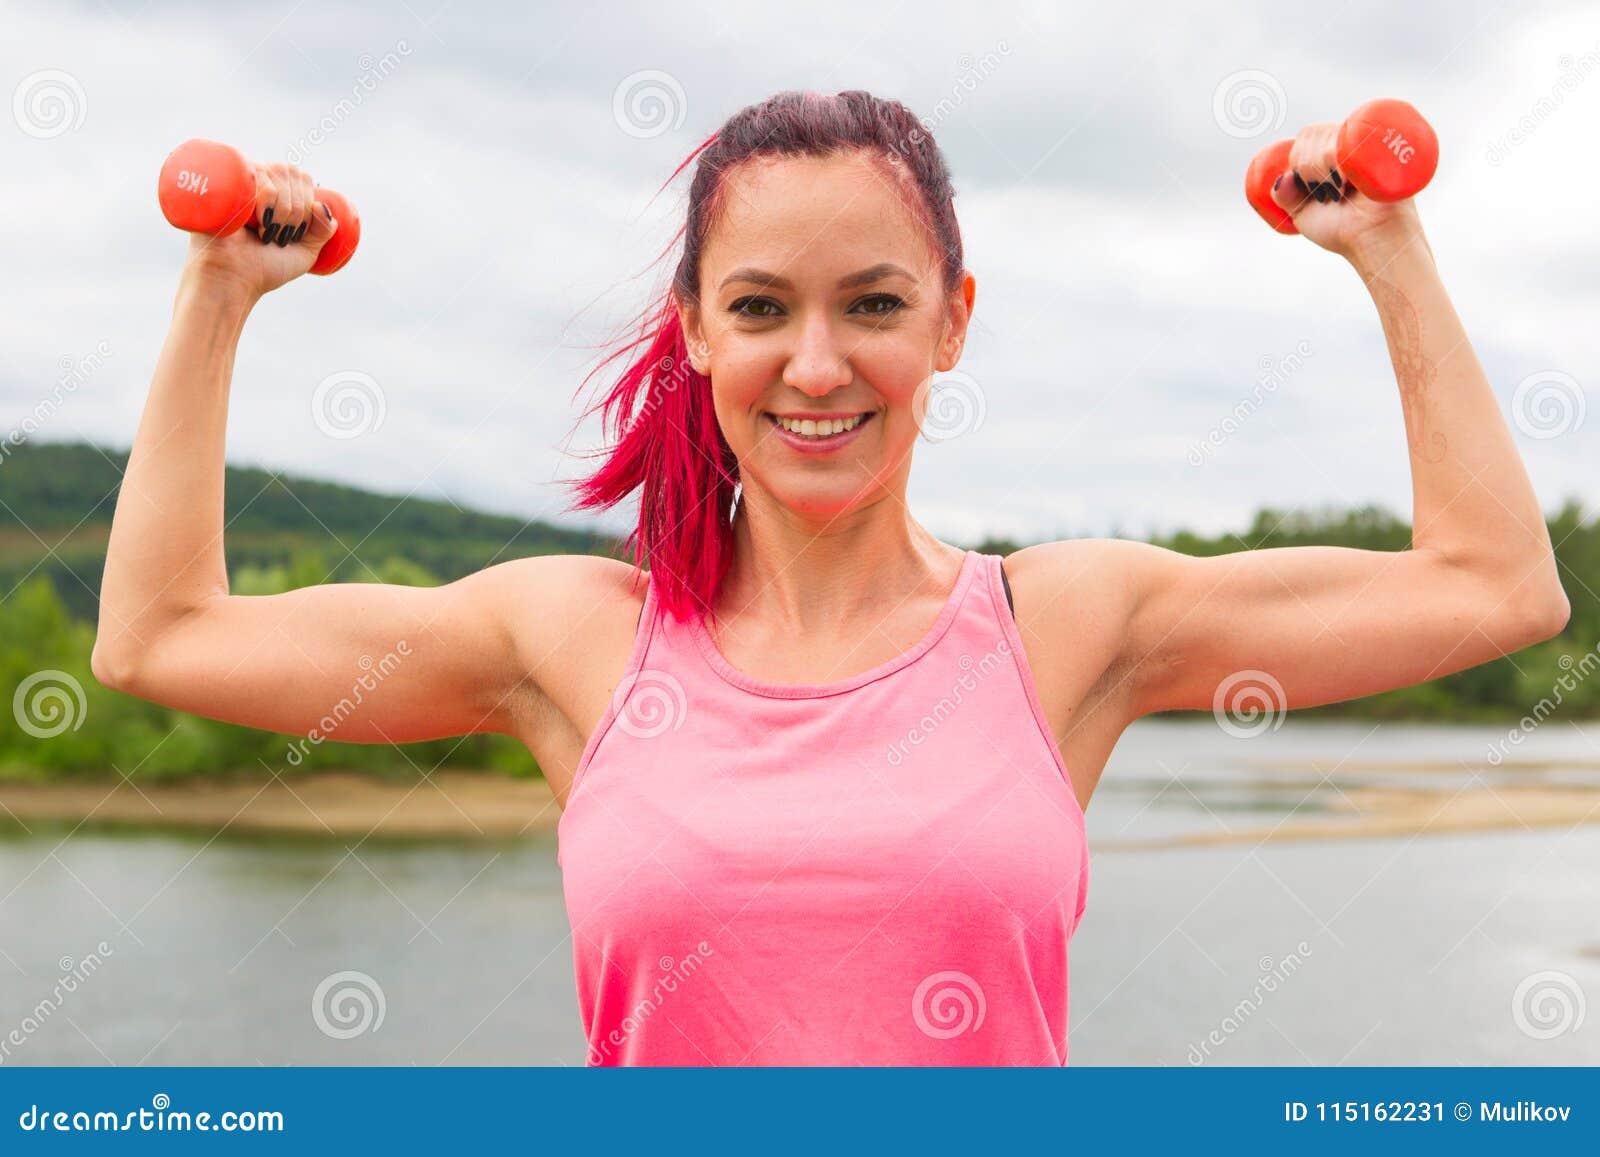 Красивый спортсмен девушки представляет работать с малой гантелью весов внутри outdoors